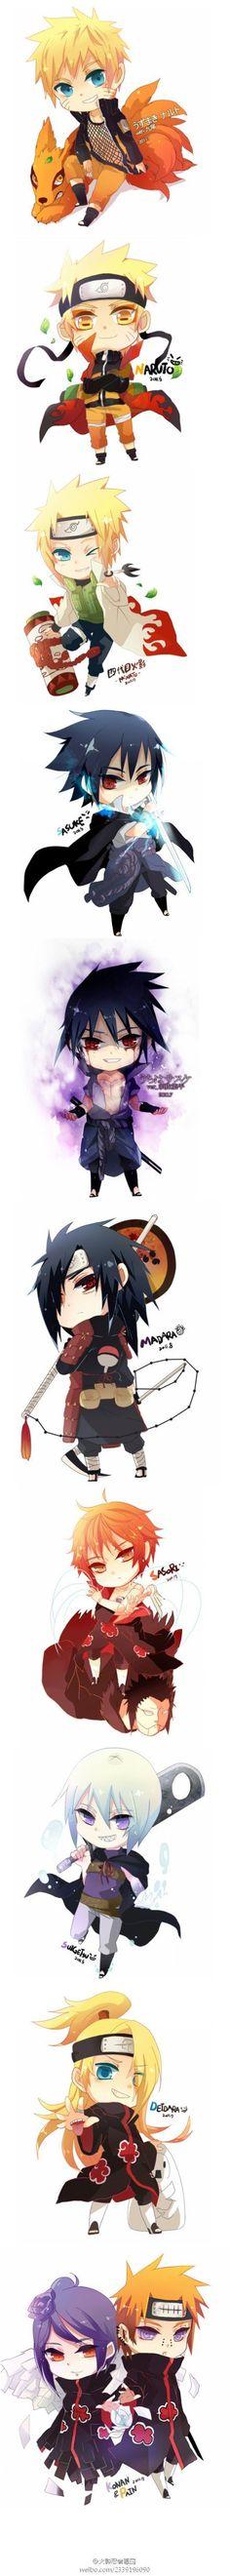 Kyuubi Naruto Sage Naruto Minato Lightning Sasuke Darkness Sasuke Madara Sasori Deidara Suigetsu Konan